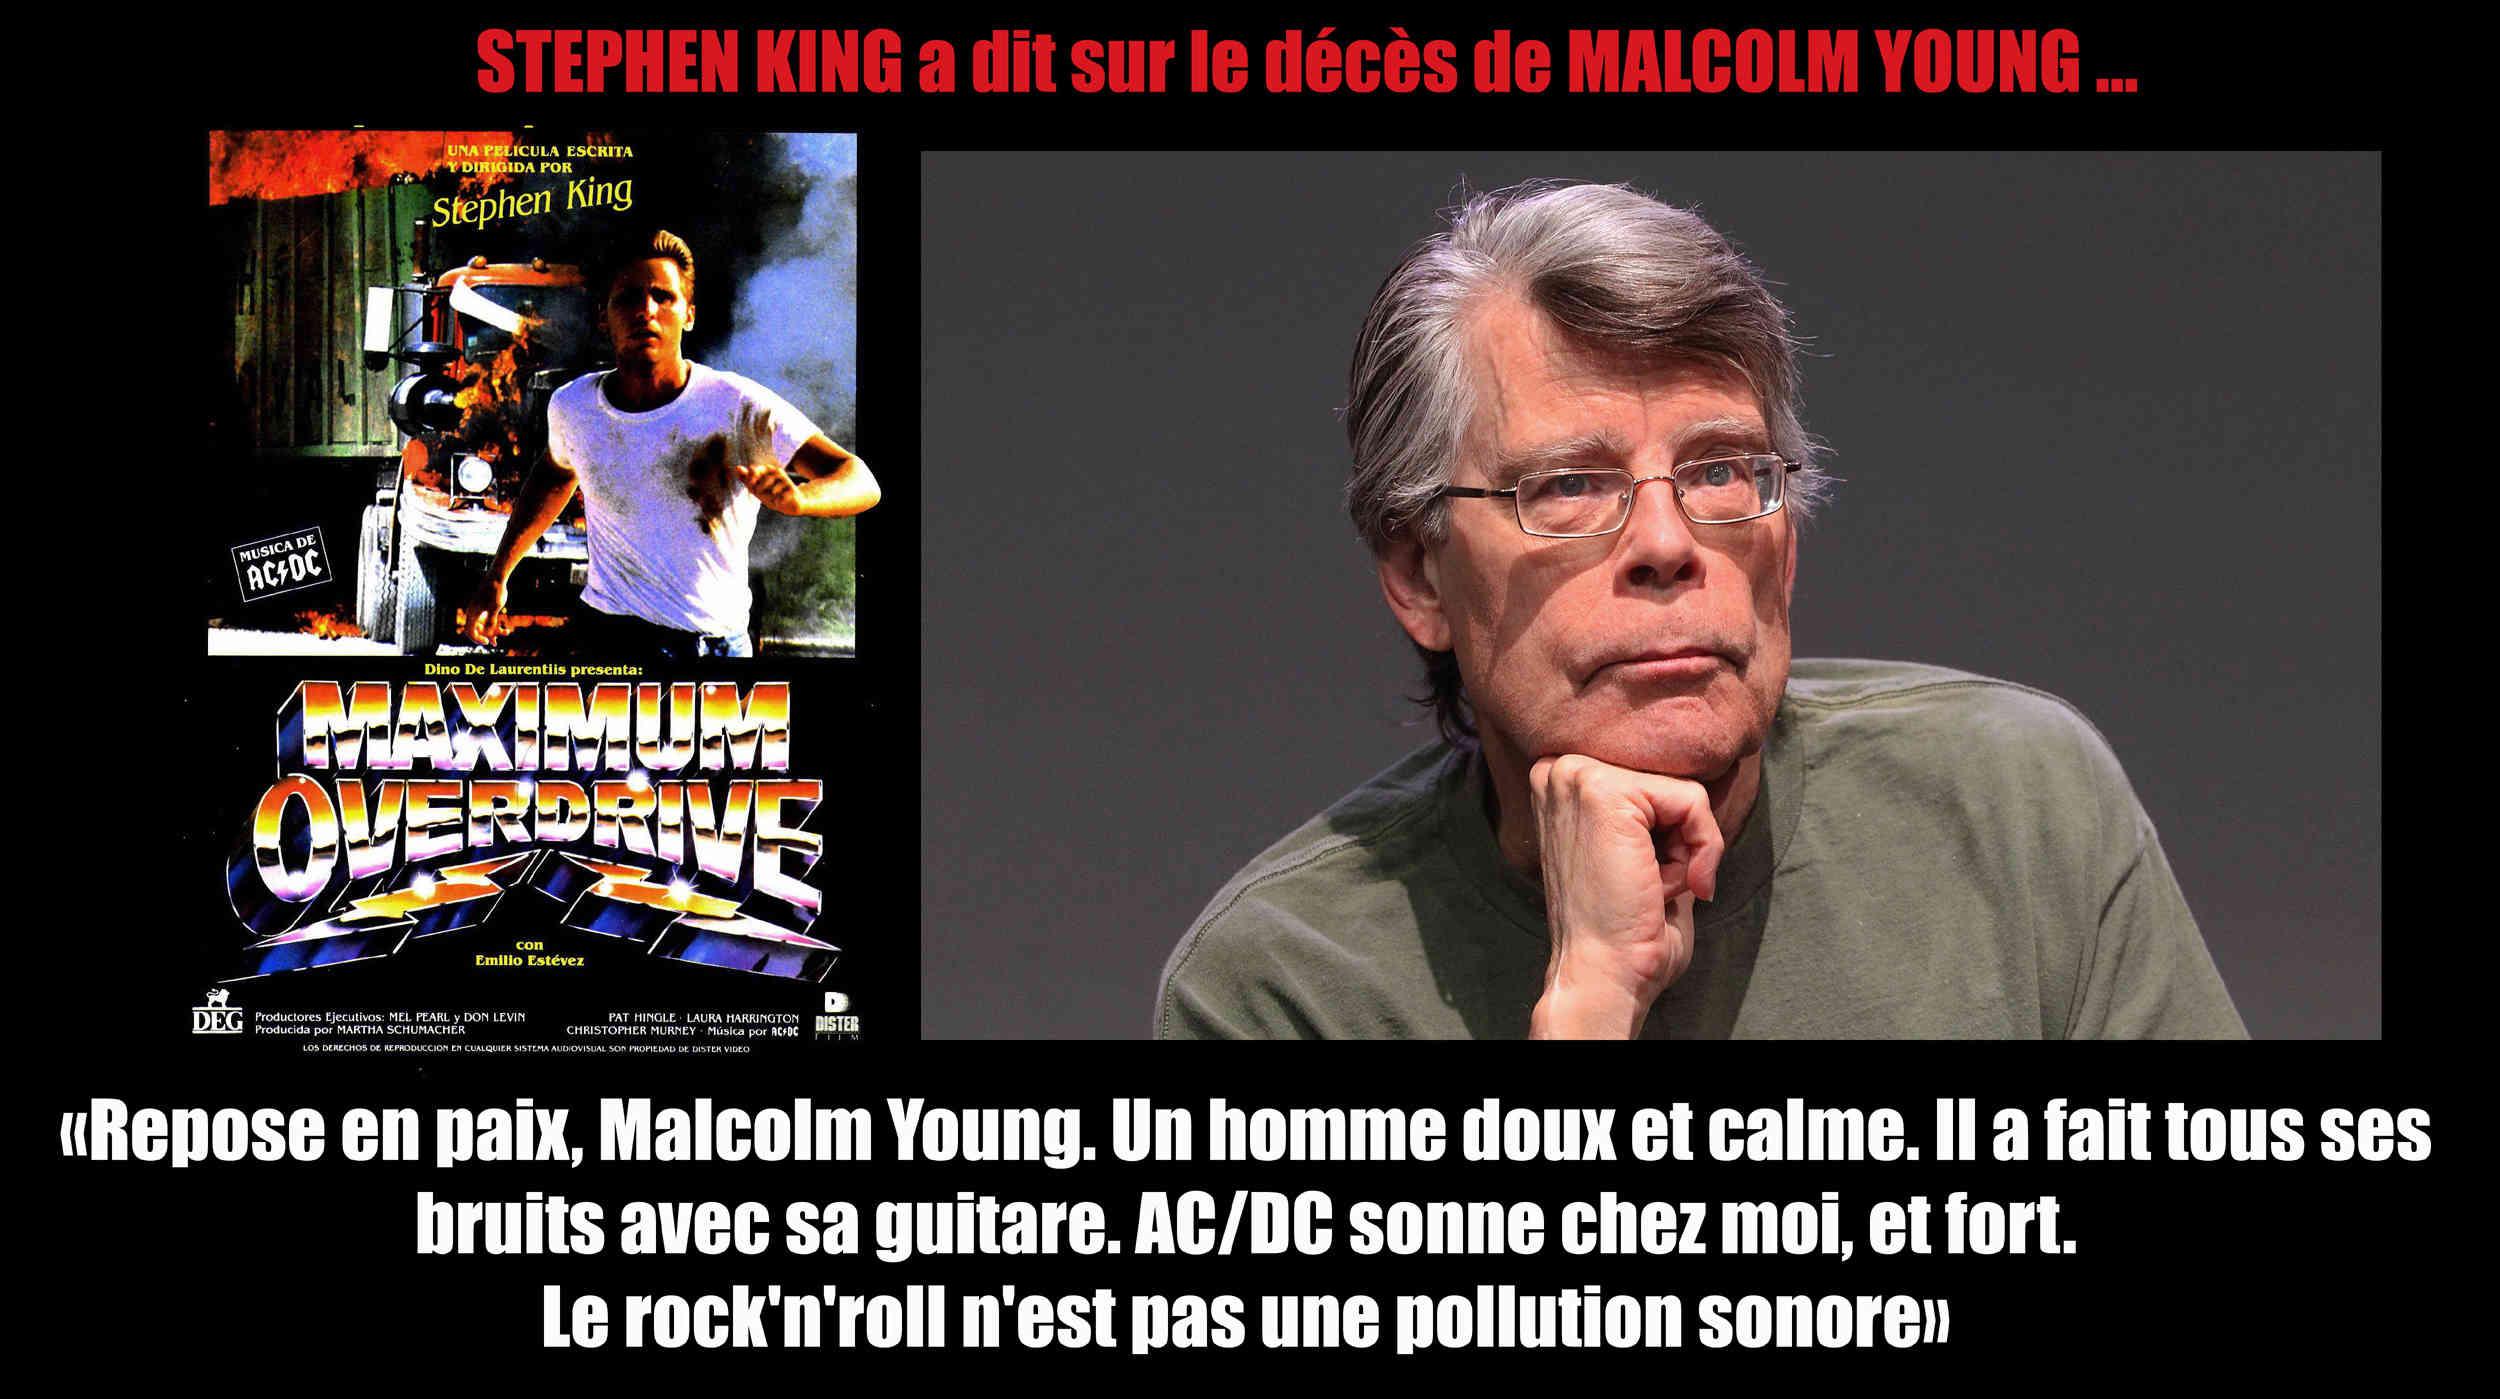 STEPHEN KING a dit ... sur le décès de MALCOLM YOUNG ... 250010